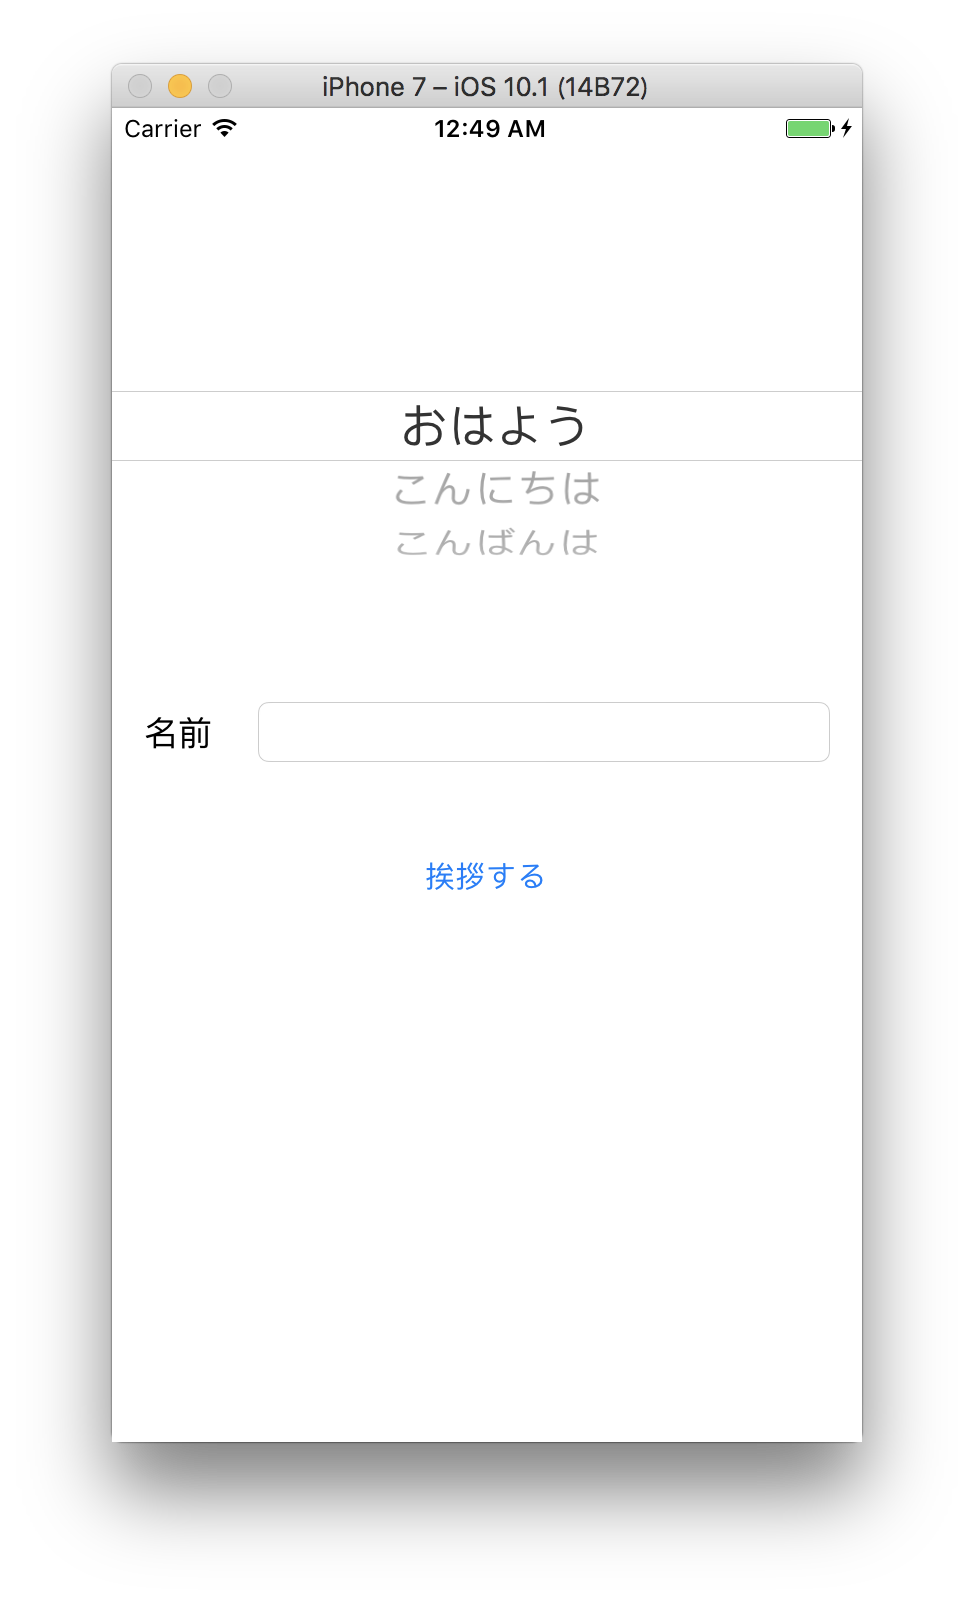 スクリーンショット 2017-02-24 0.49.22.png